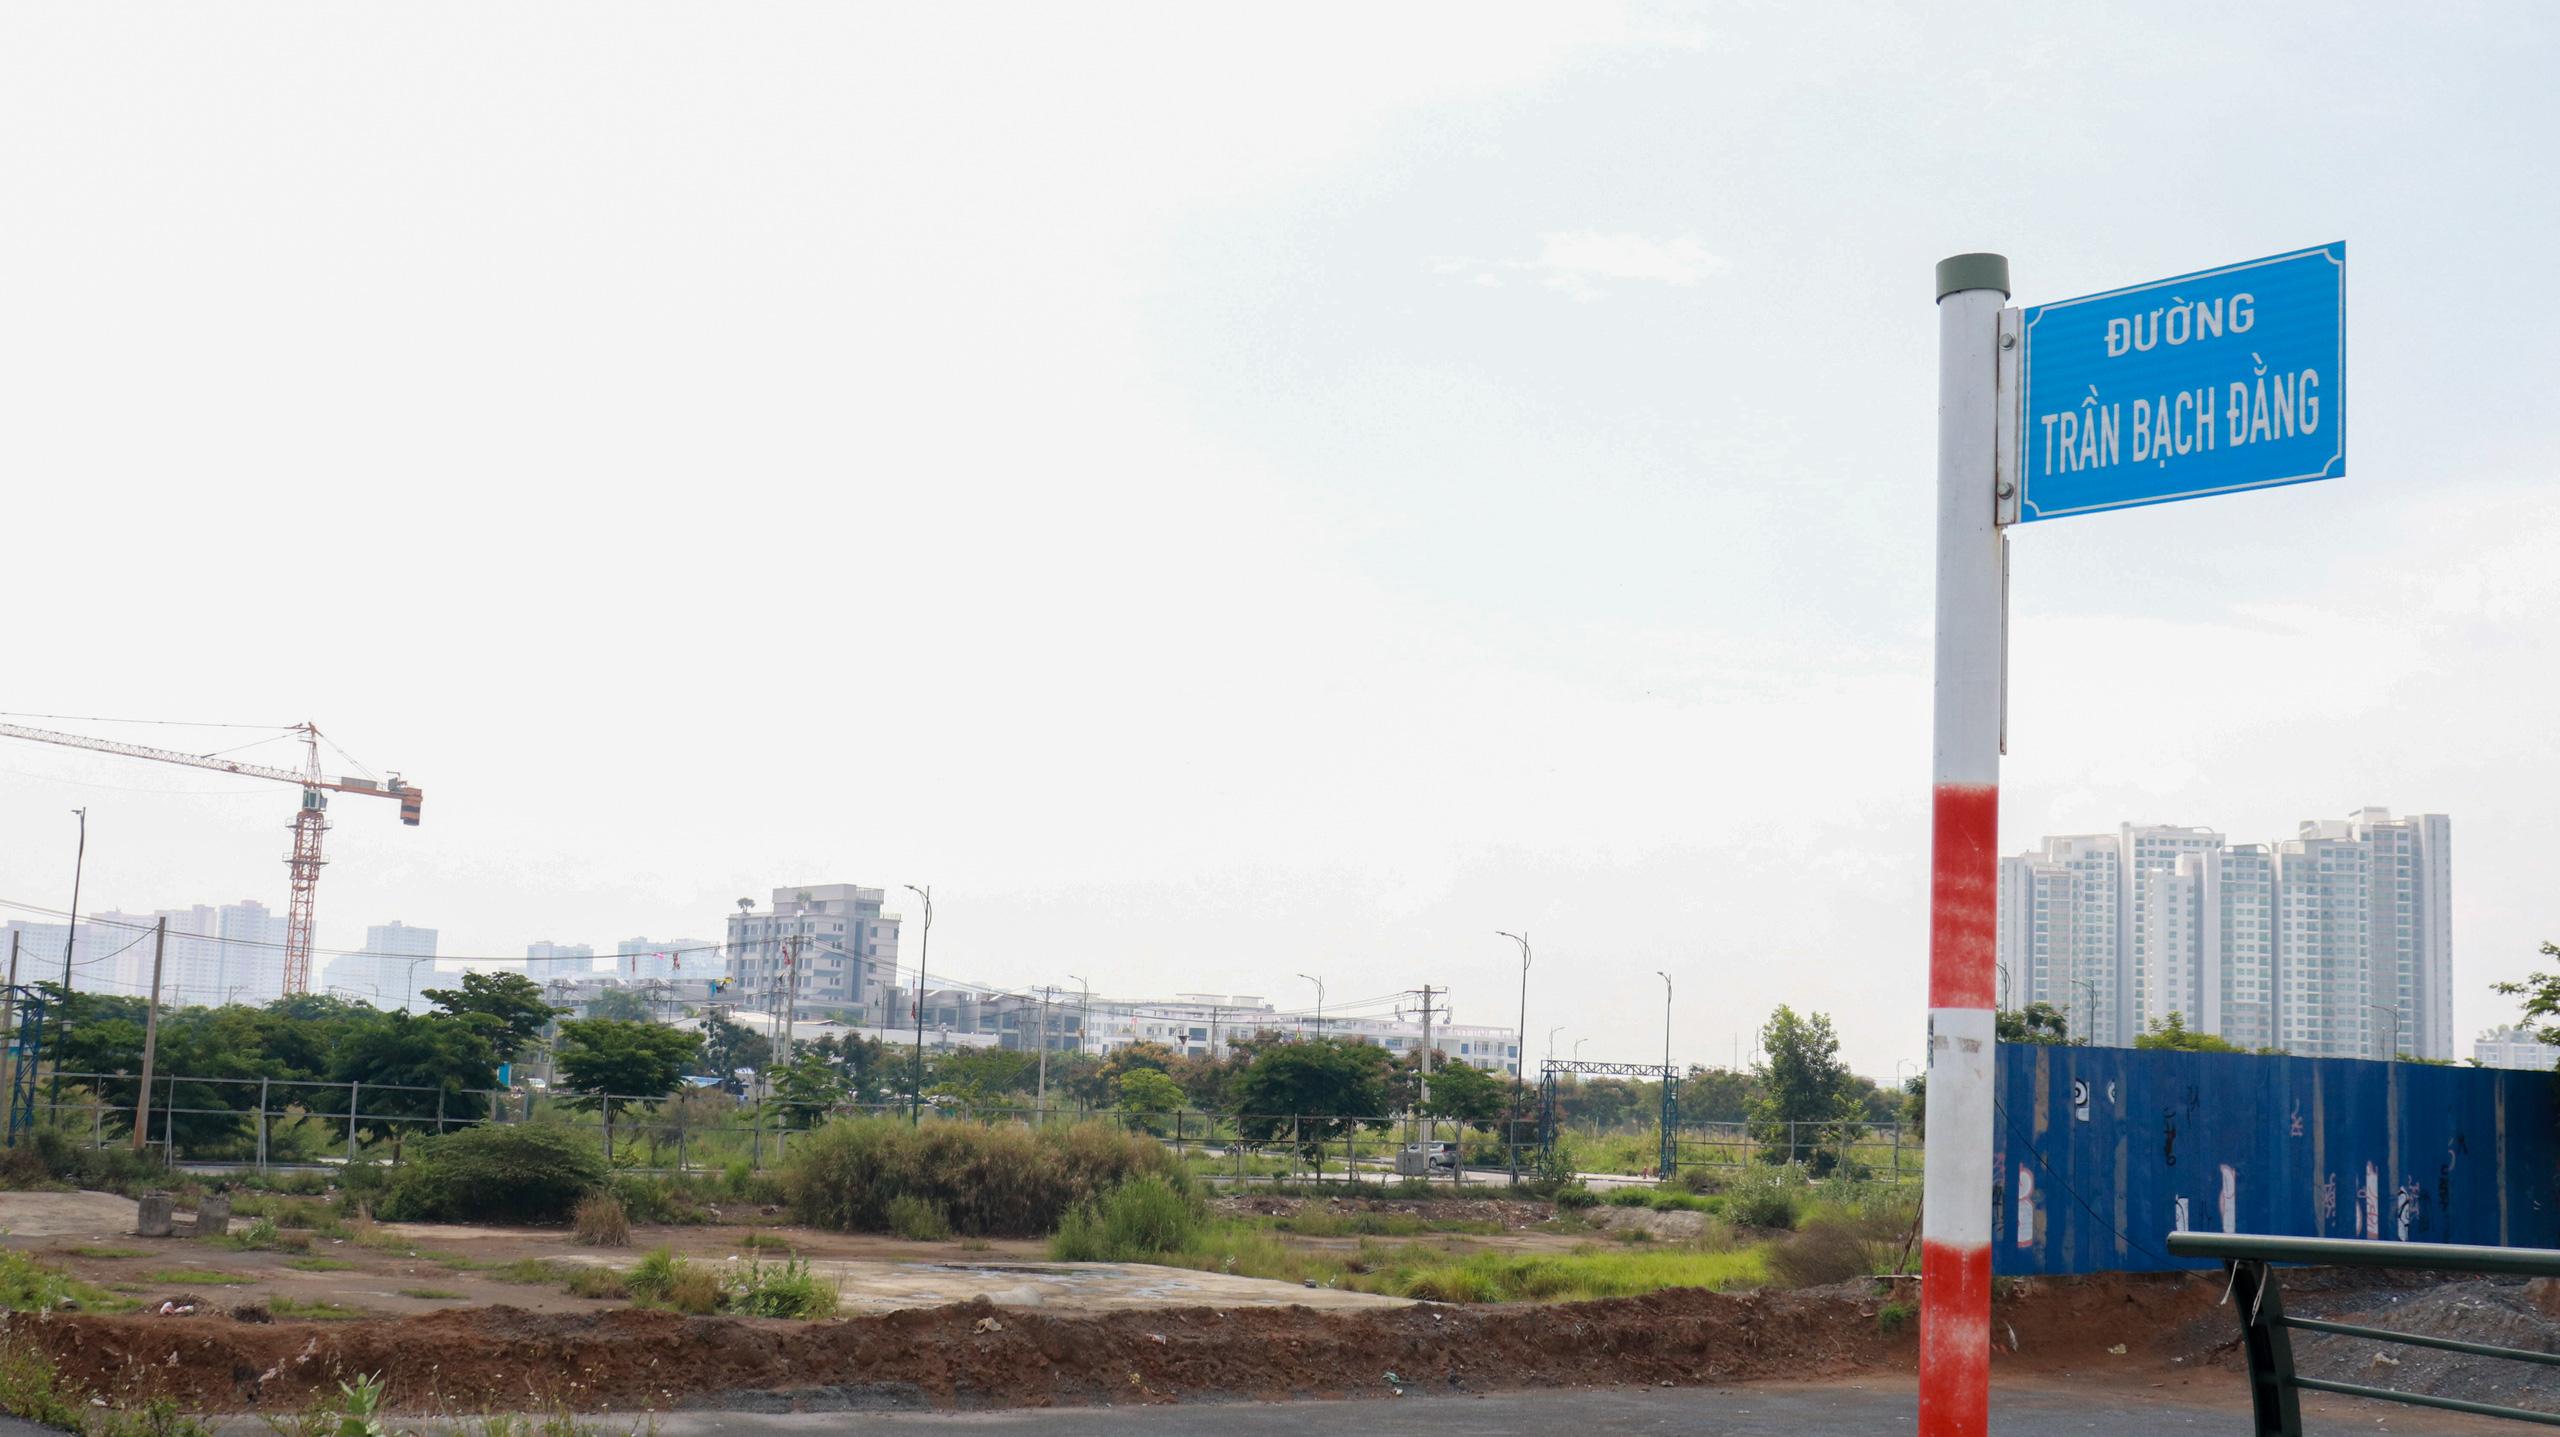 Hiện trạng 4 khu đất ở Thủ Thiêm sắp bán đấu giá - Ảnh 3.